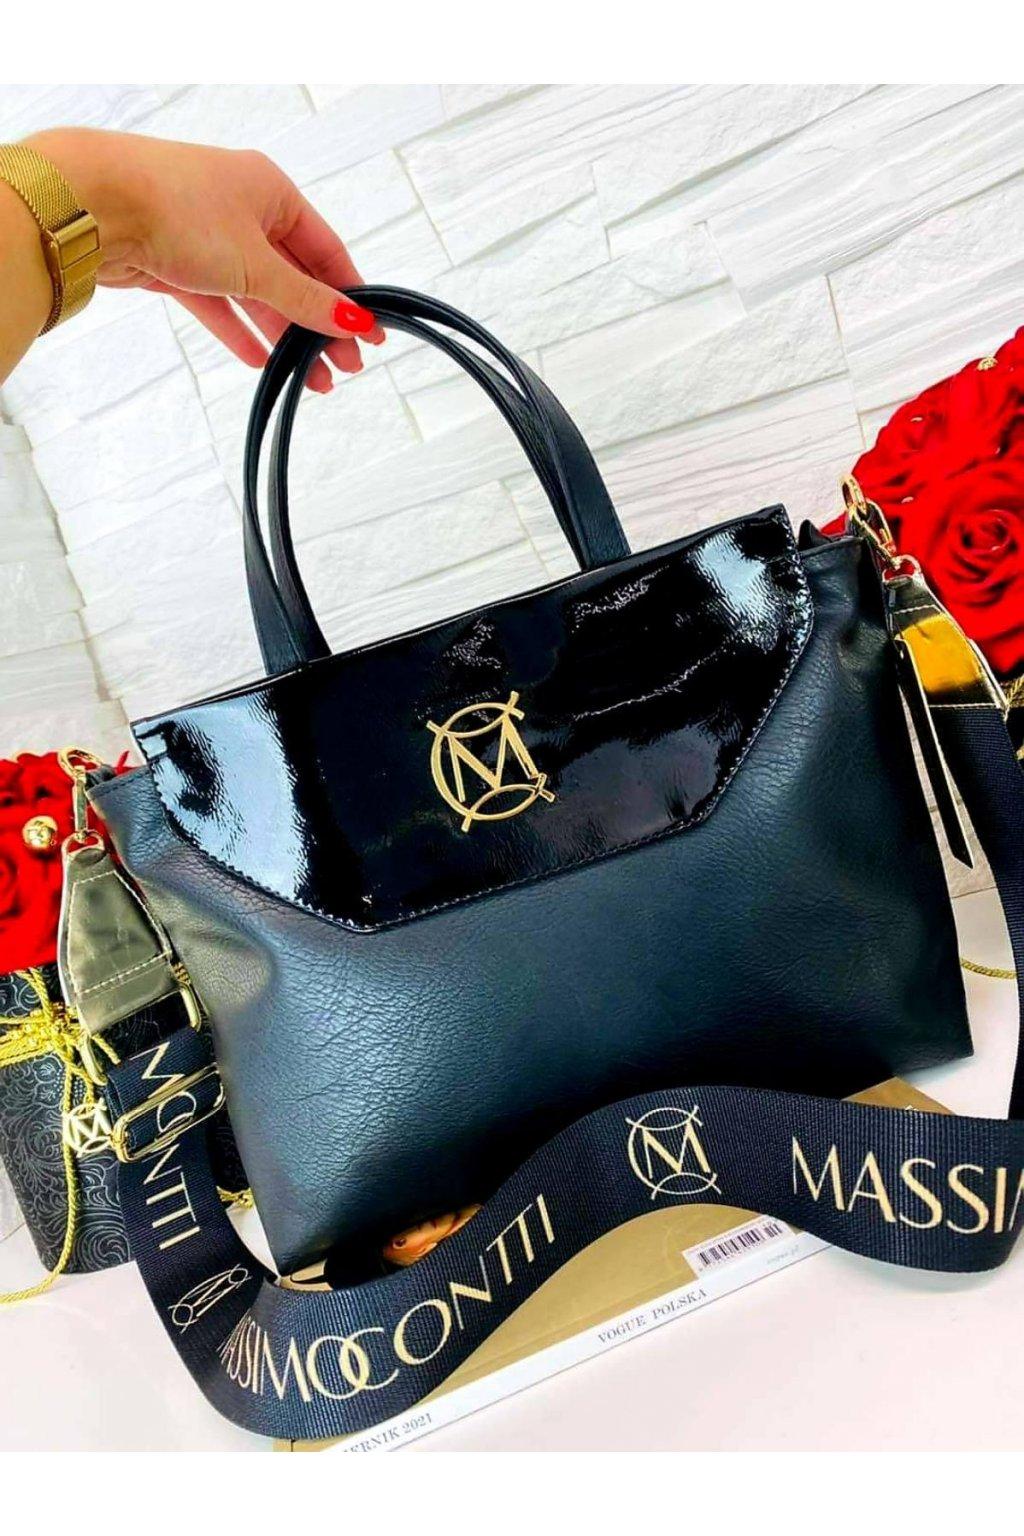 KABELKA Massimo Contti černý LAK luxusní značkovÁ kabelka elegant italy fashion